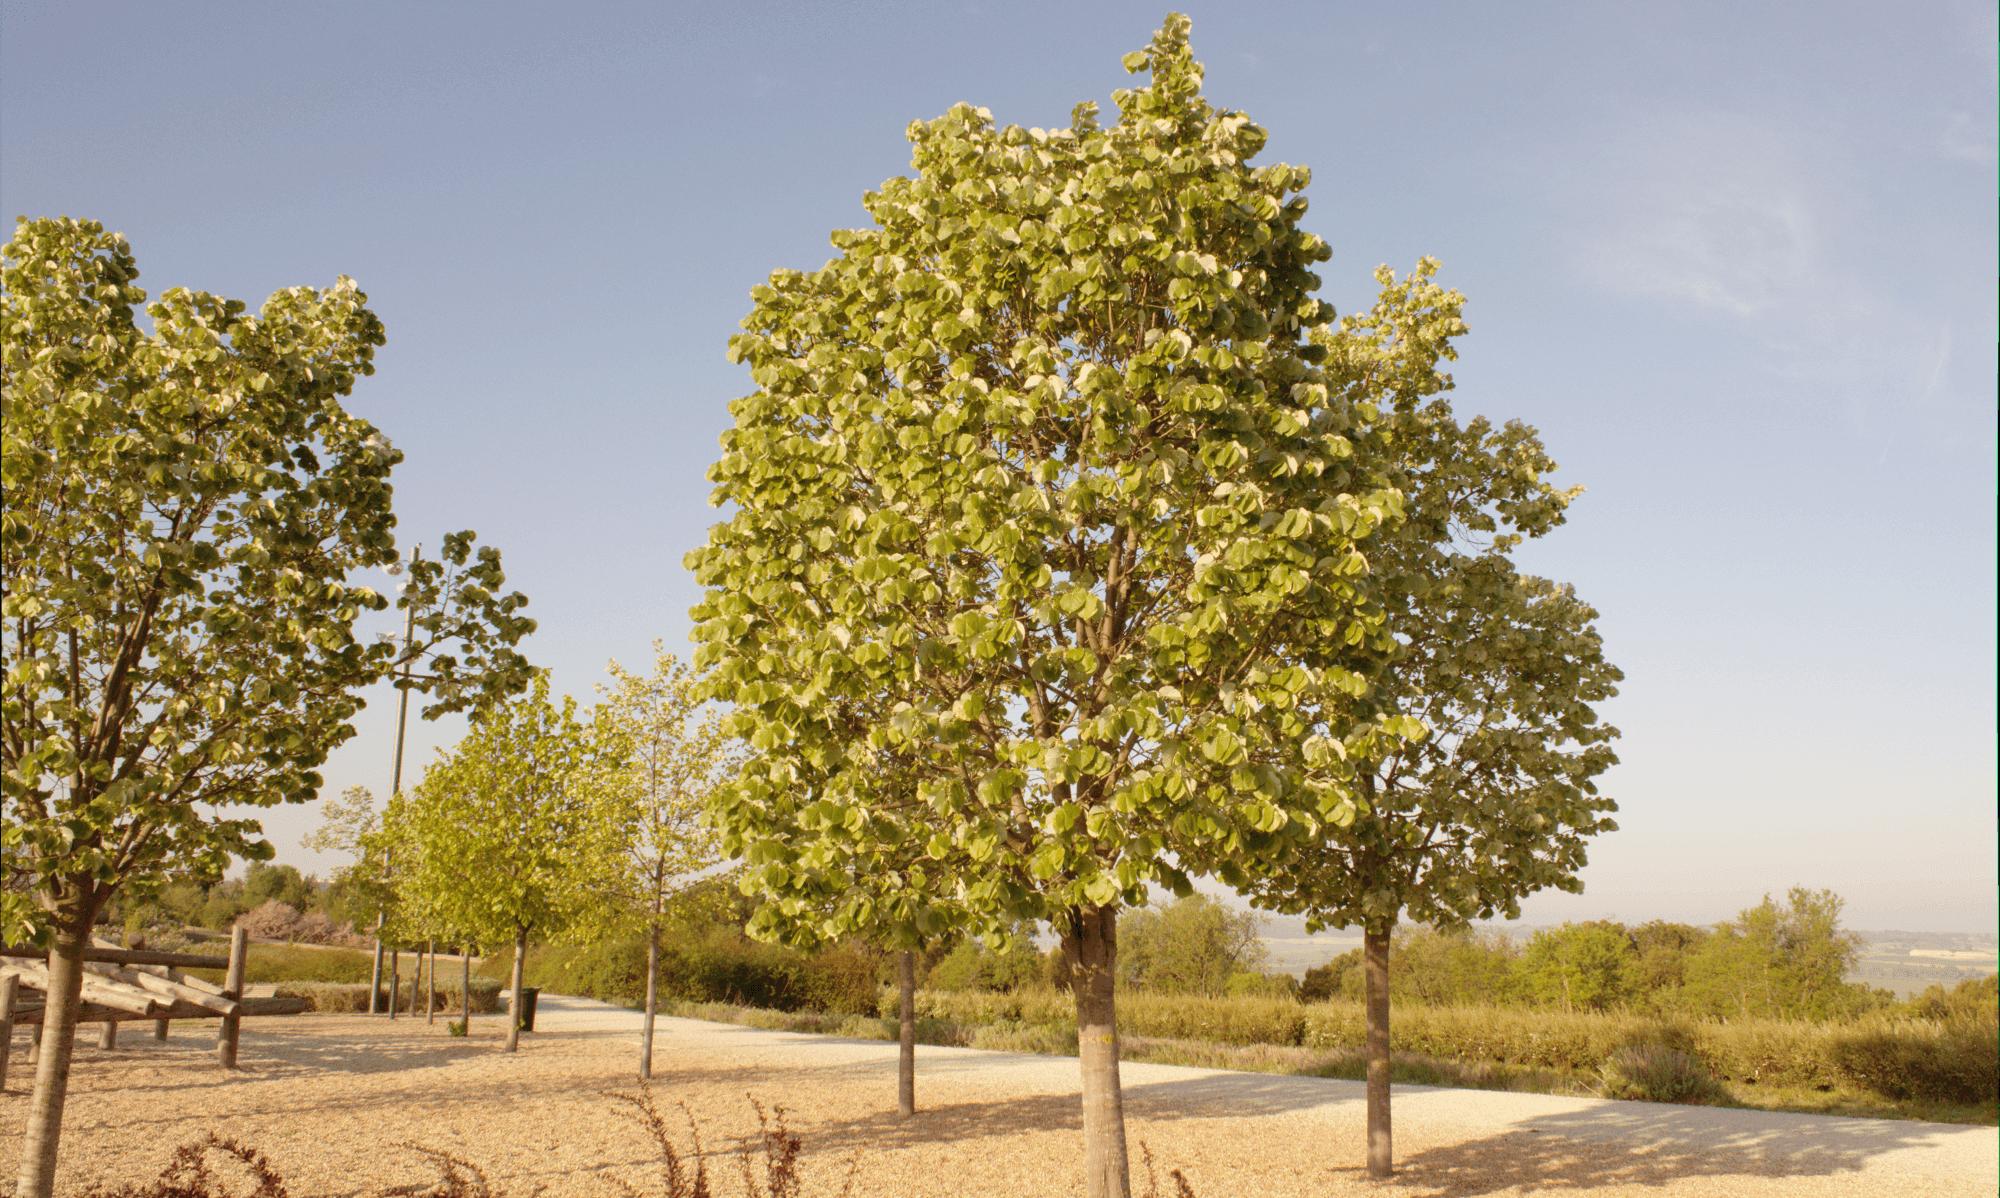 árboles: tilo